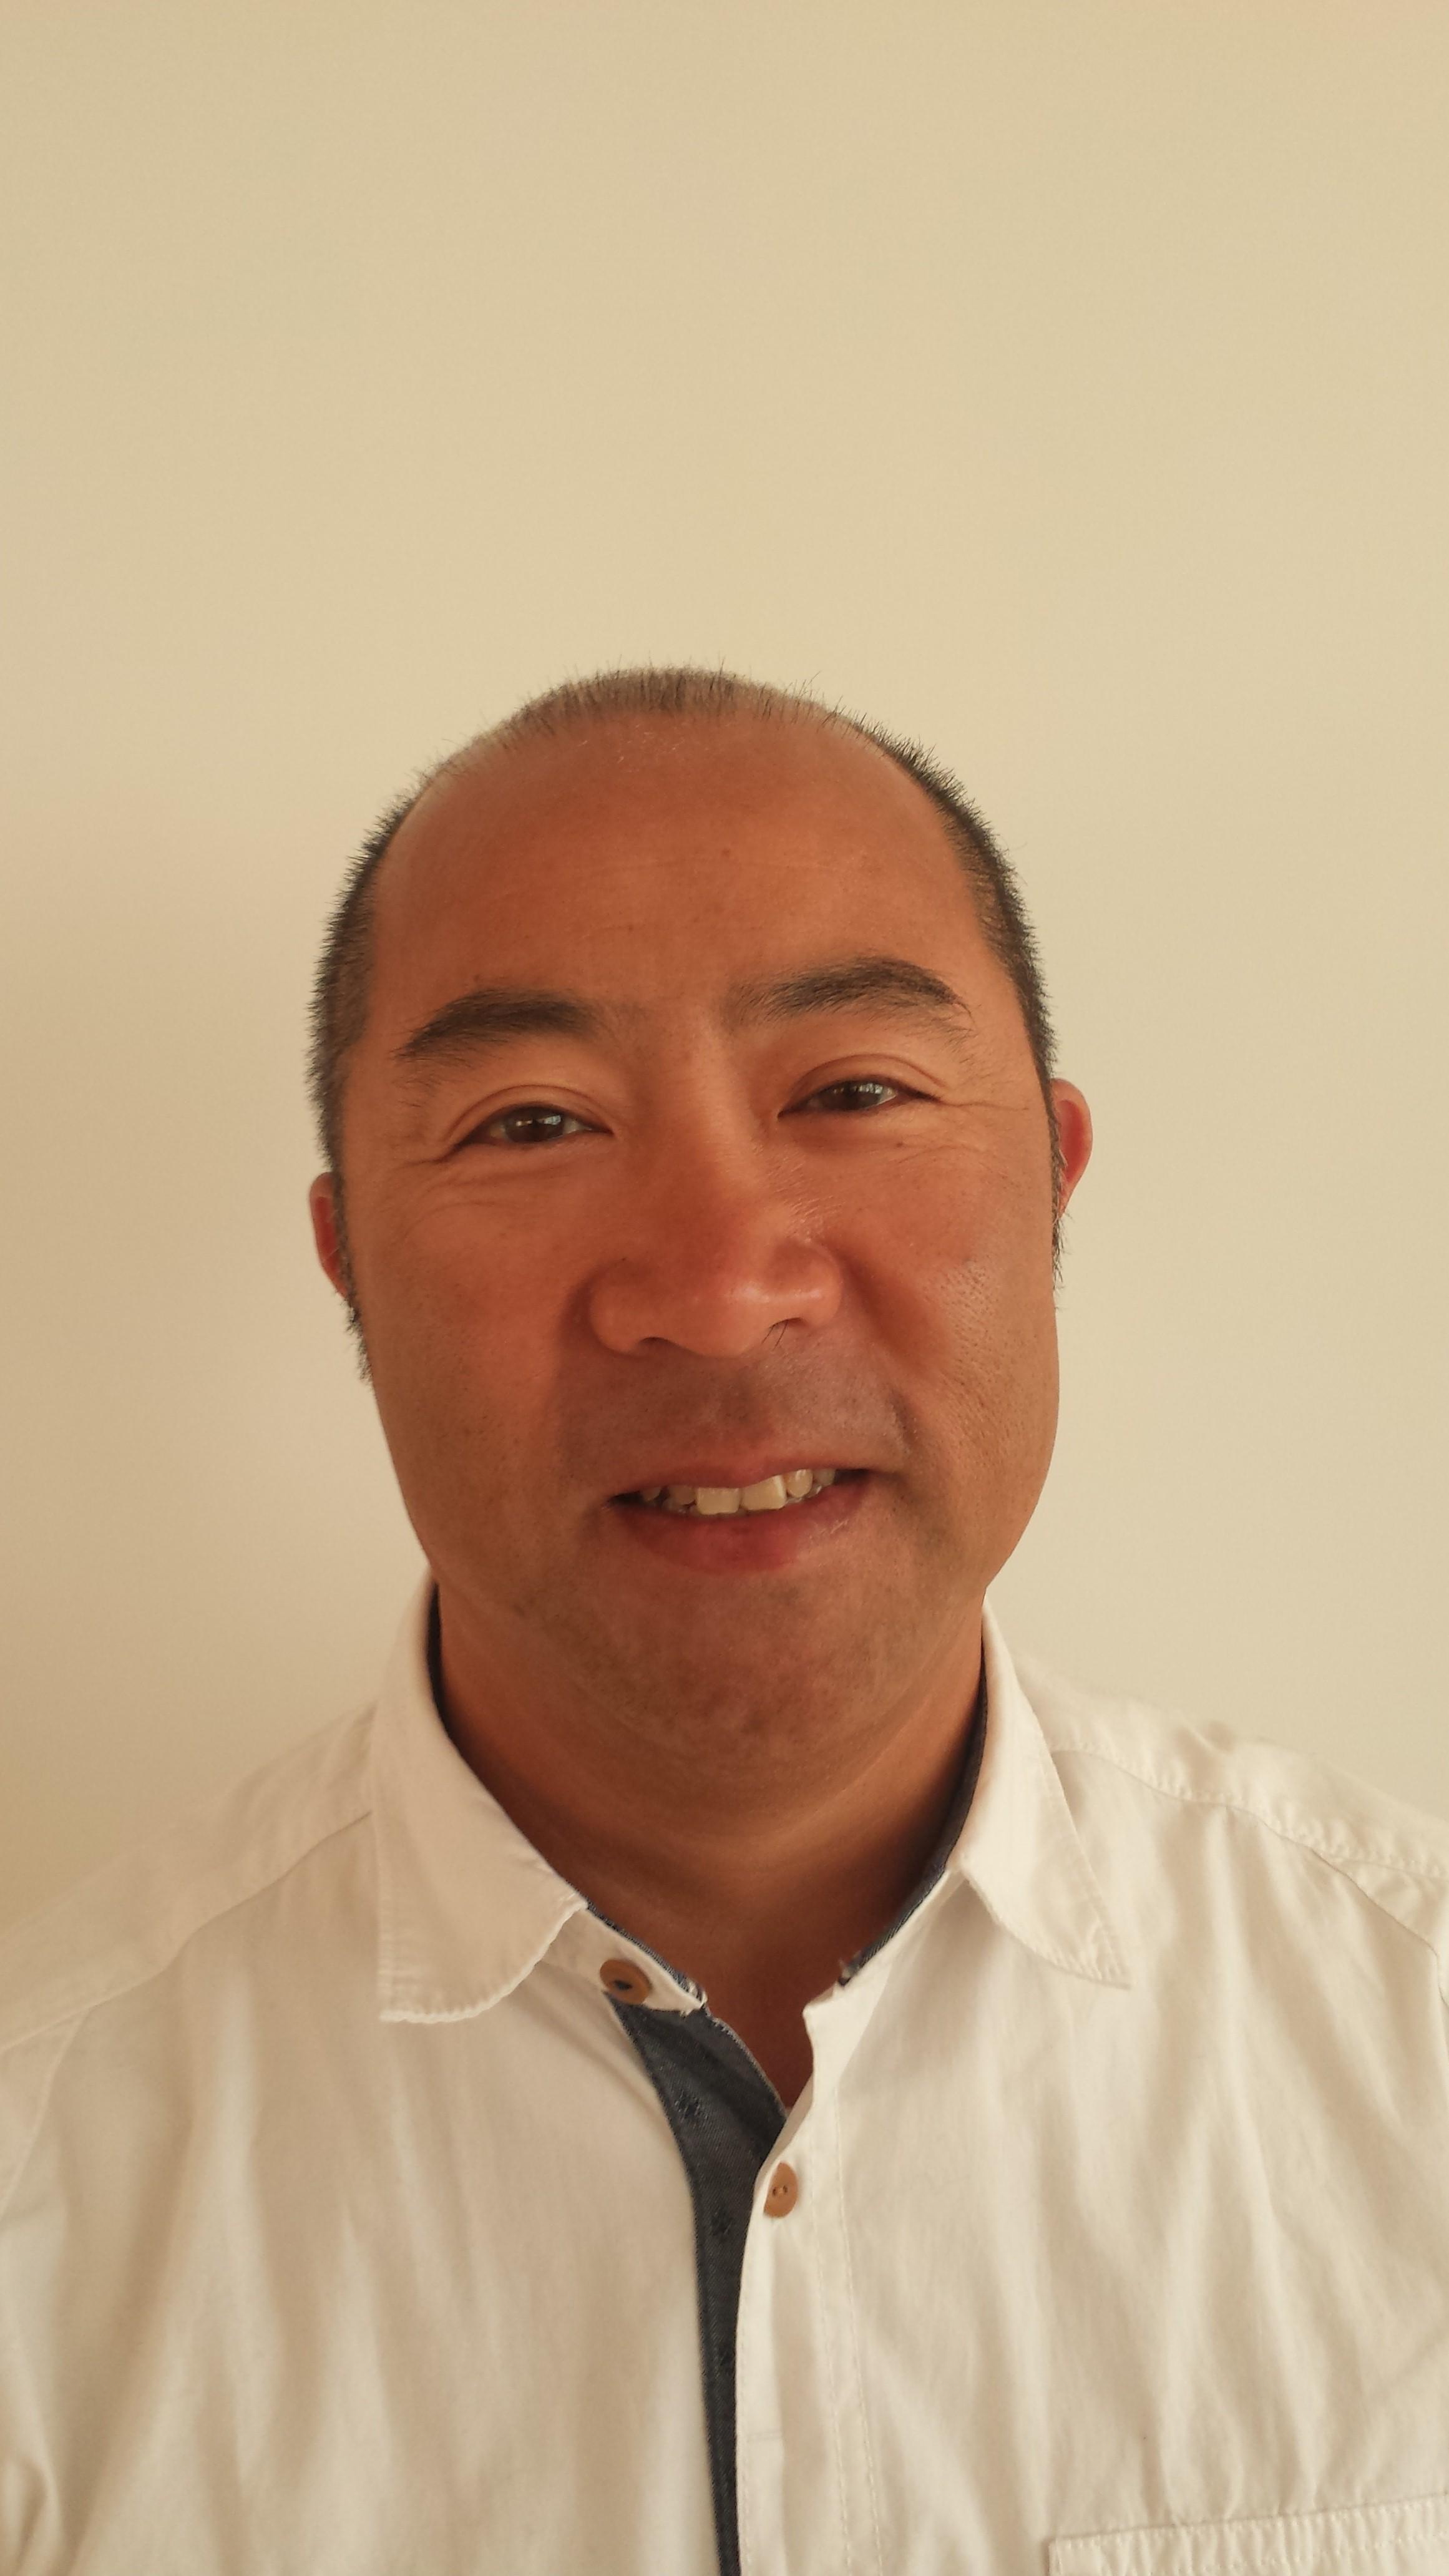 Quatrième Maire adjoint, délégué à l'urbanisme, à l'aménagement communal, aux transports et à l'habitat